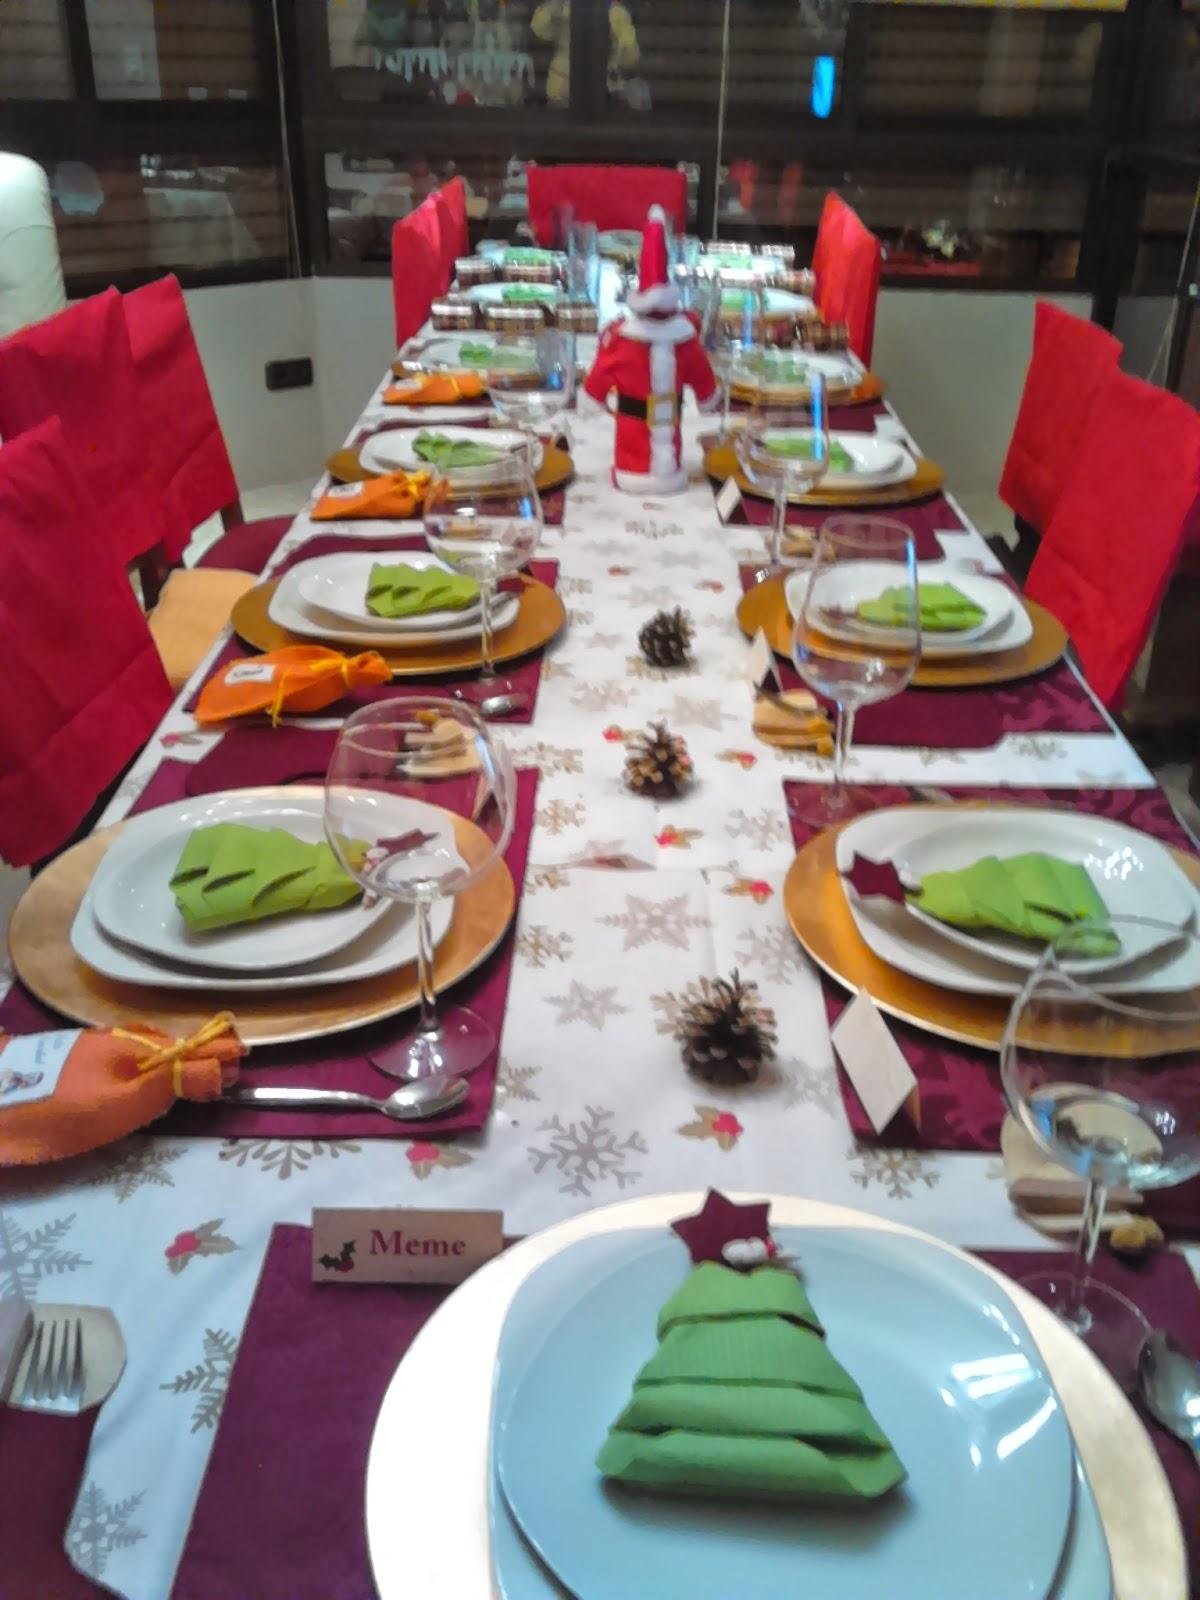 El desv n de meme mesa y decoraci n navide a 2014 - Decoracion navidena 2014 ...